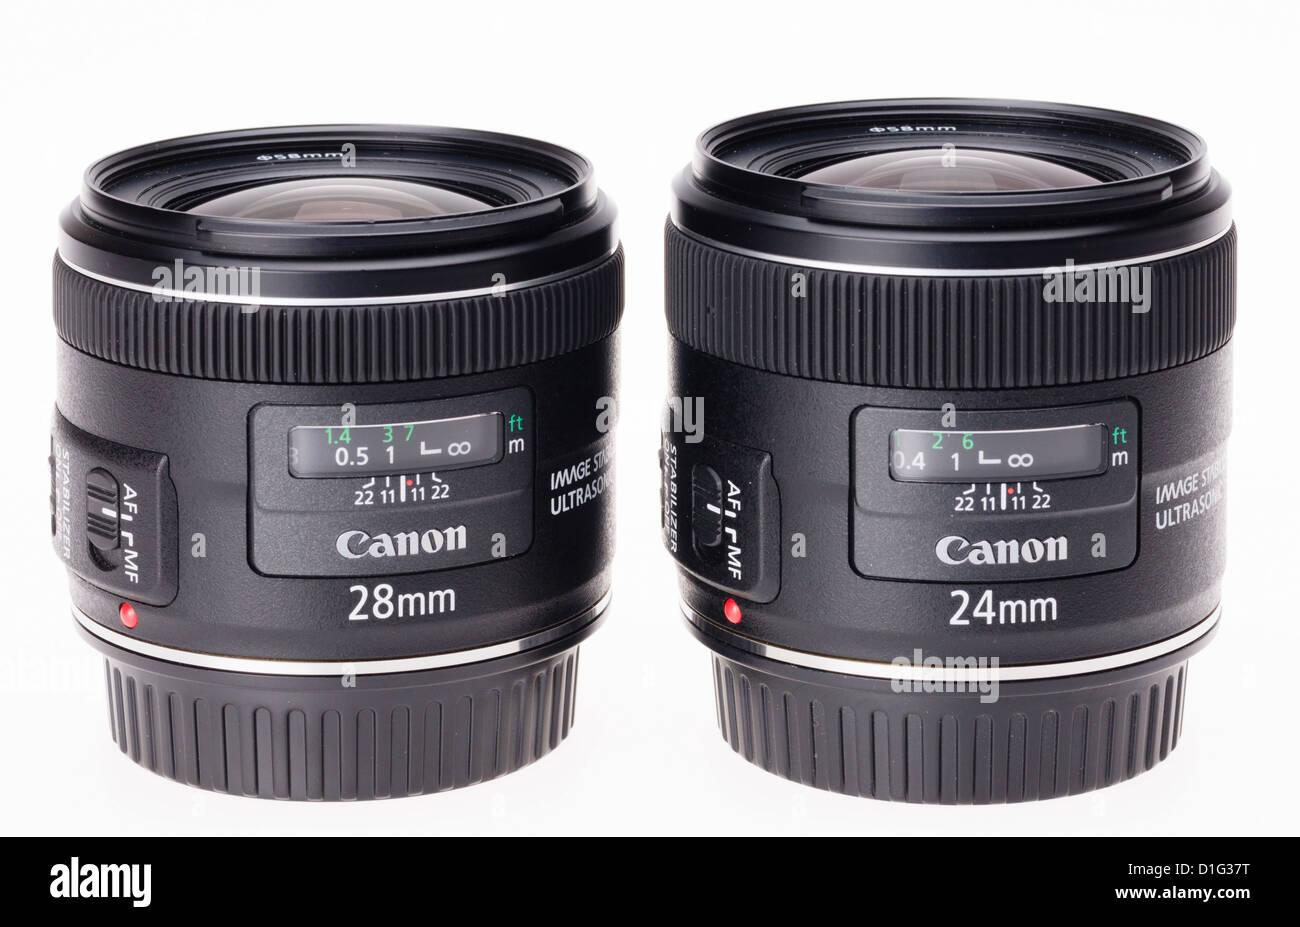 Fotoausrüstung - Weitwinkel-Objektive von Canon. 24mm und 28mm ...